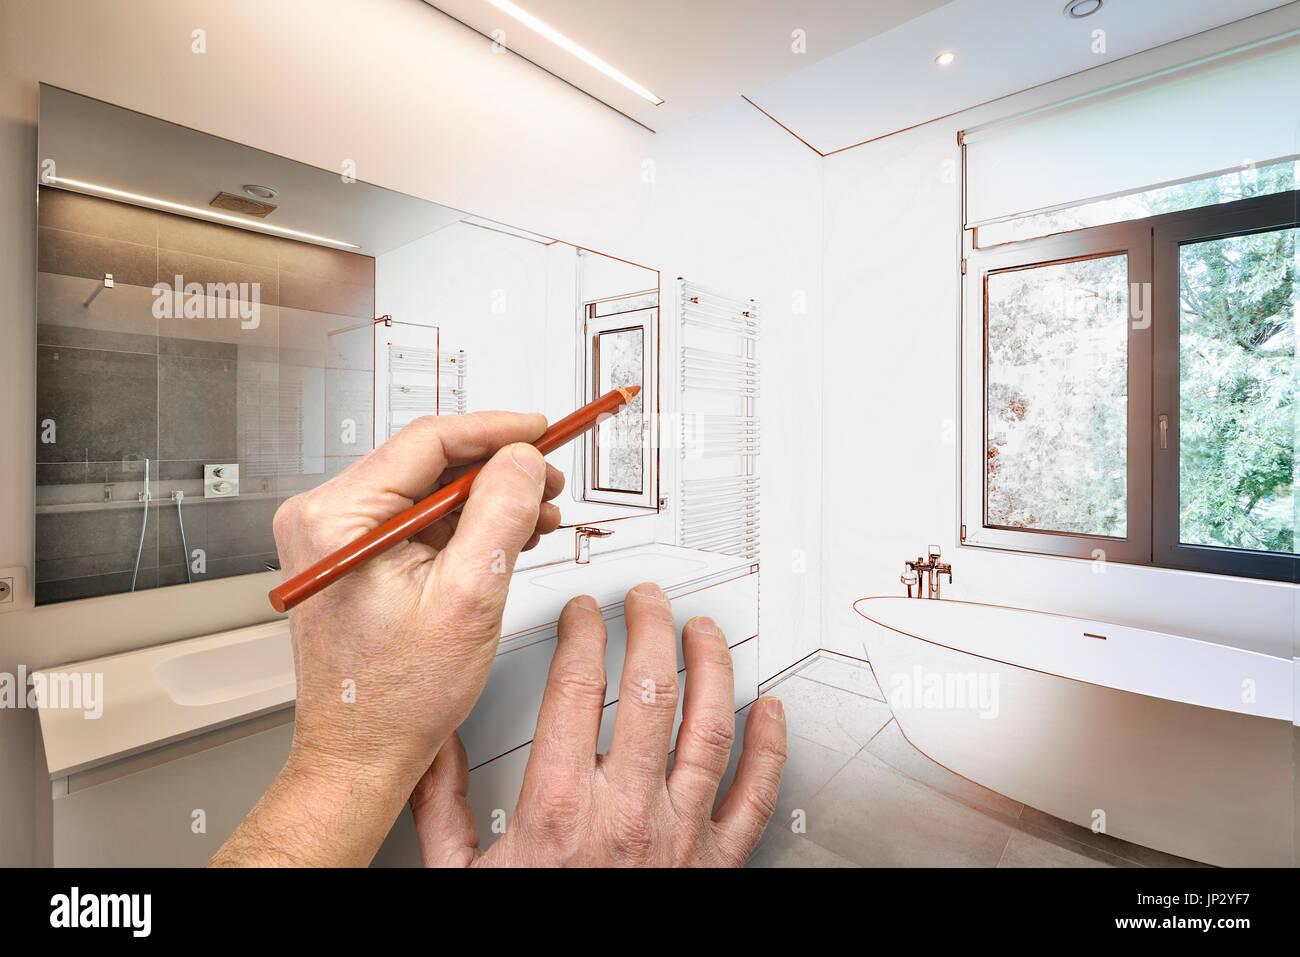 Dimensions rénovation d\'une salle de bains moderne de luxe, une ...